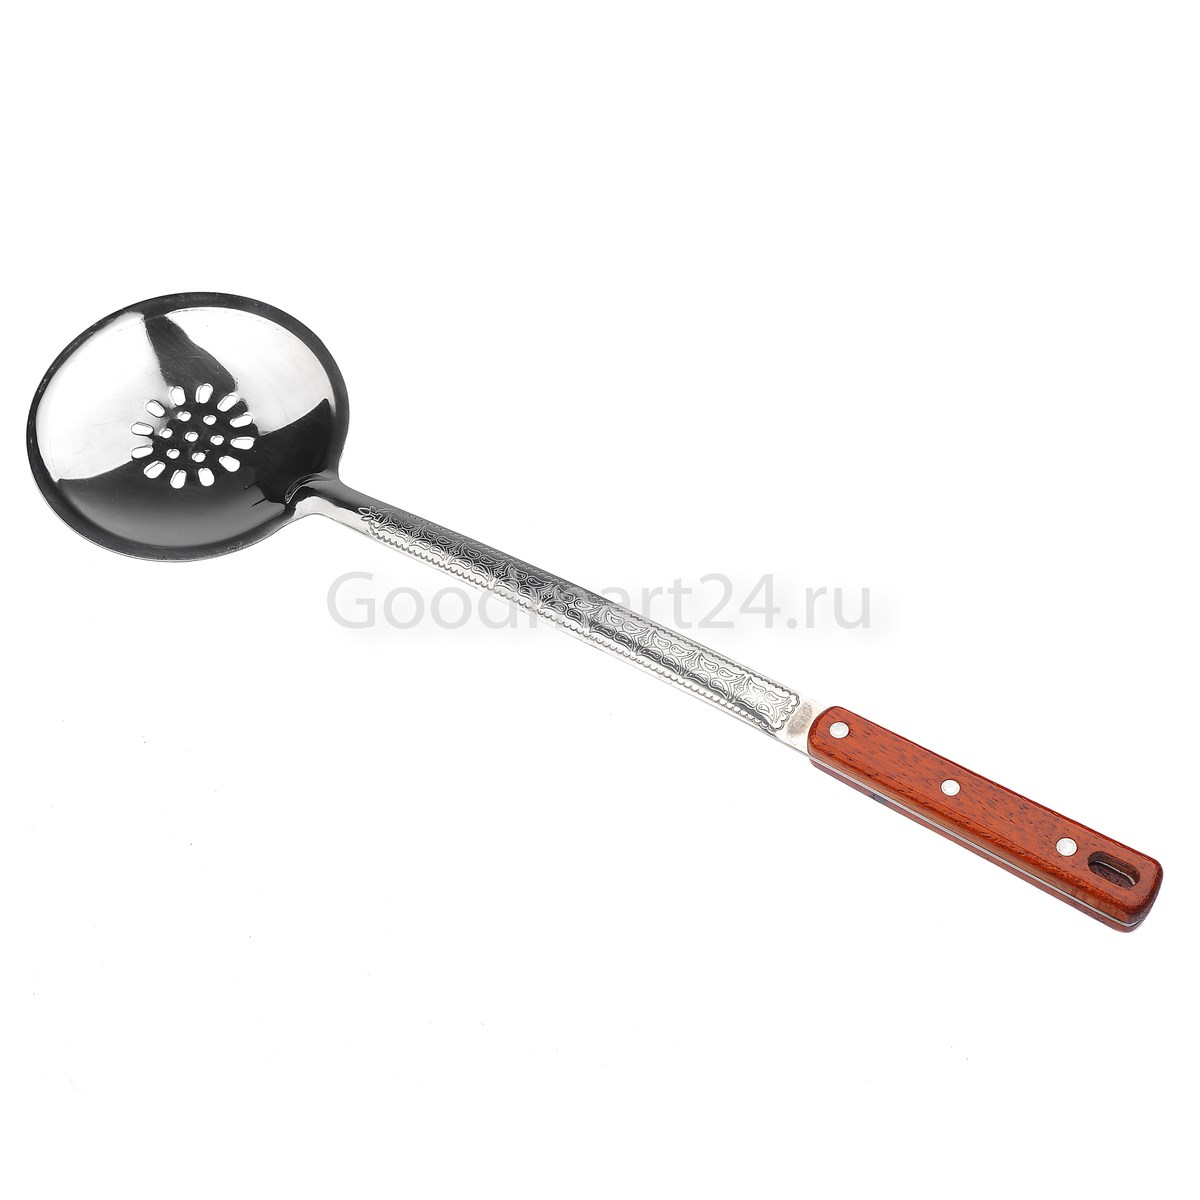 Шумовка для казана средняя (10-25 л.) с деревянной ручкой 46.5 см